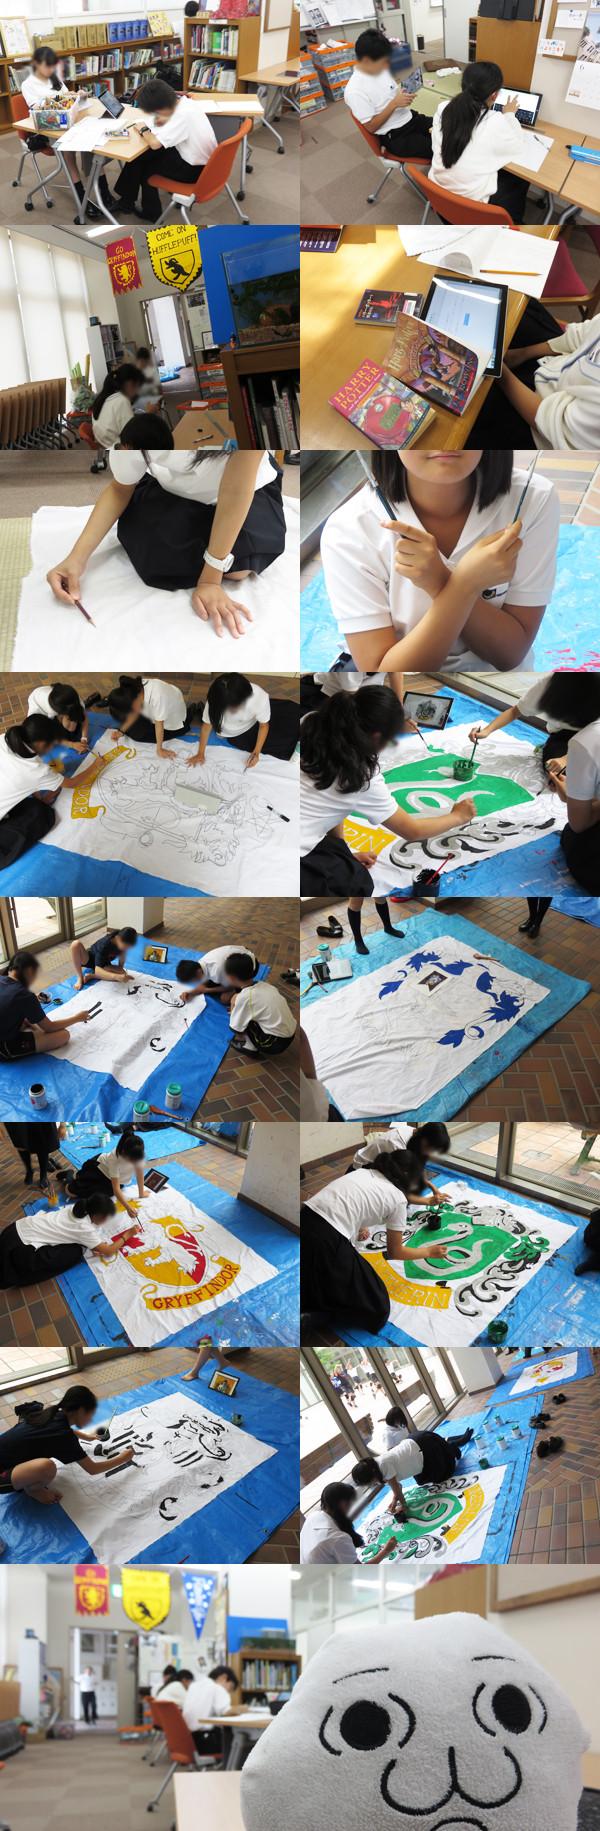 f:id:toshobu:20150620174206j:image